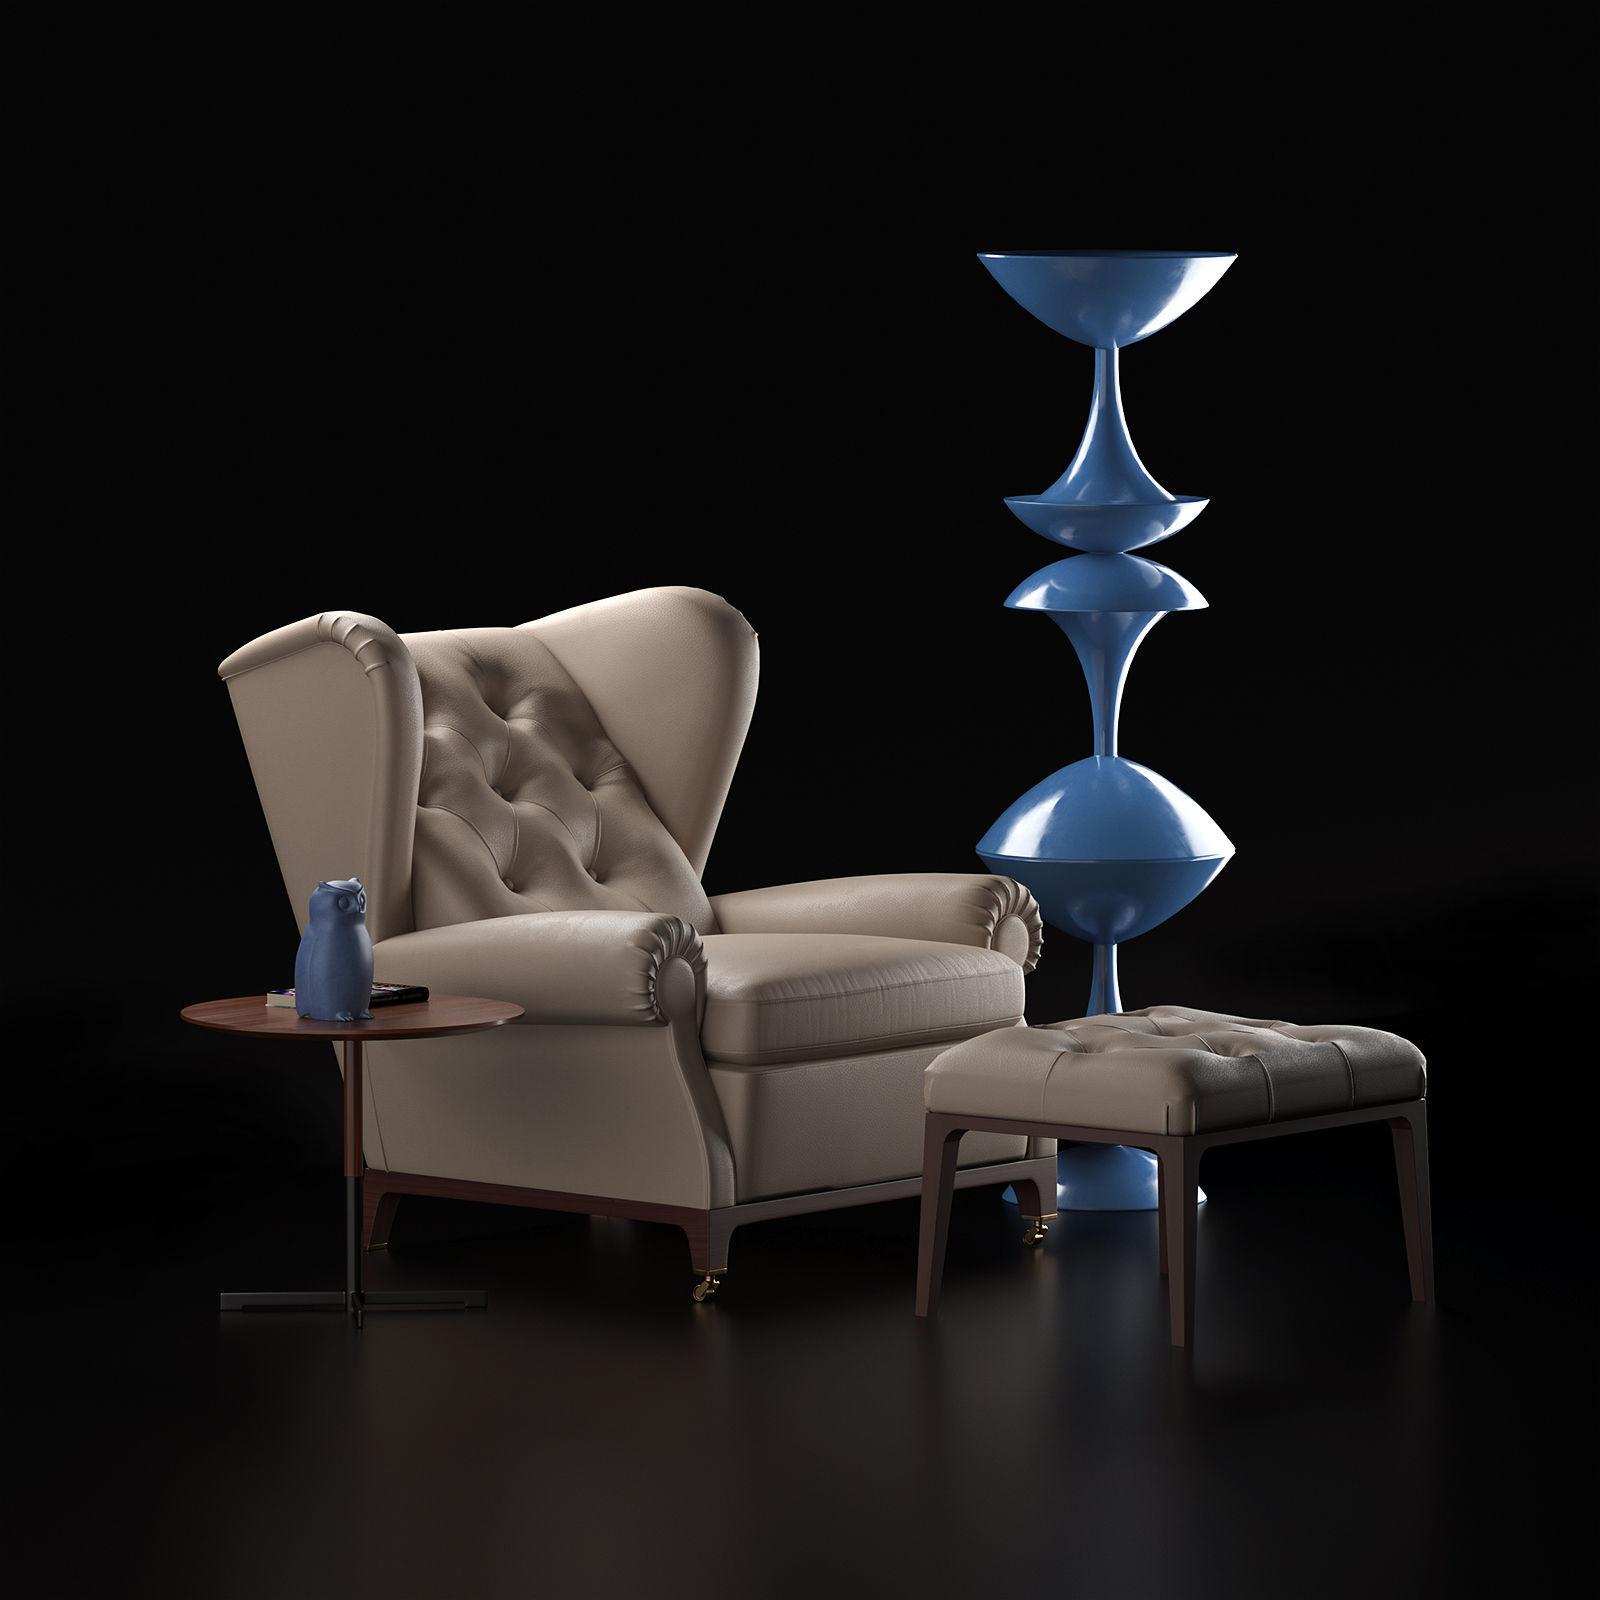 Poltrona Frau 2019 armchair